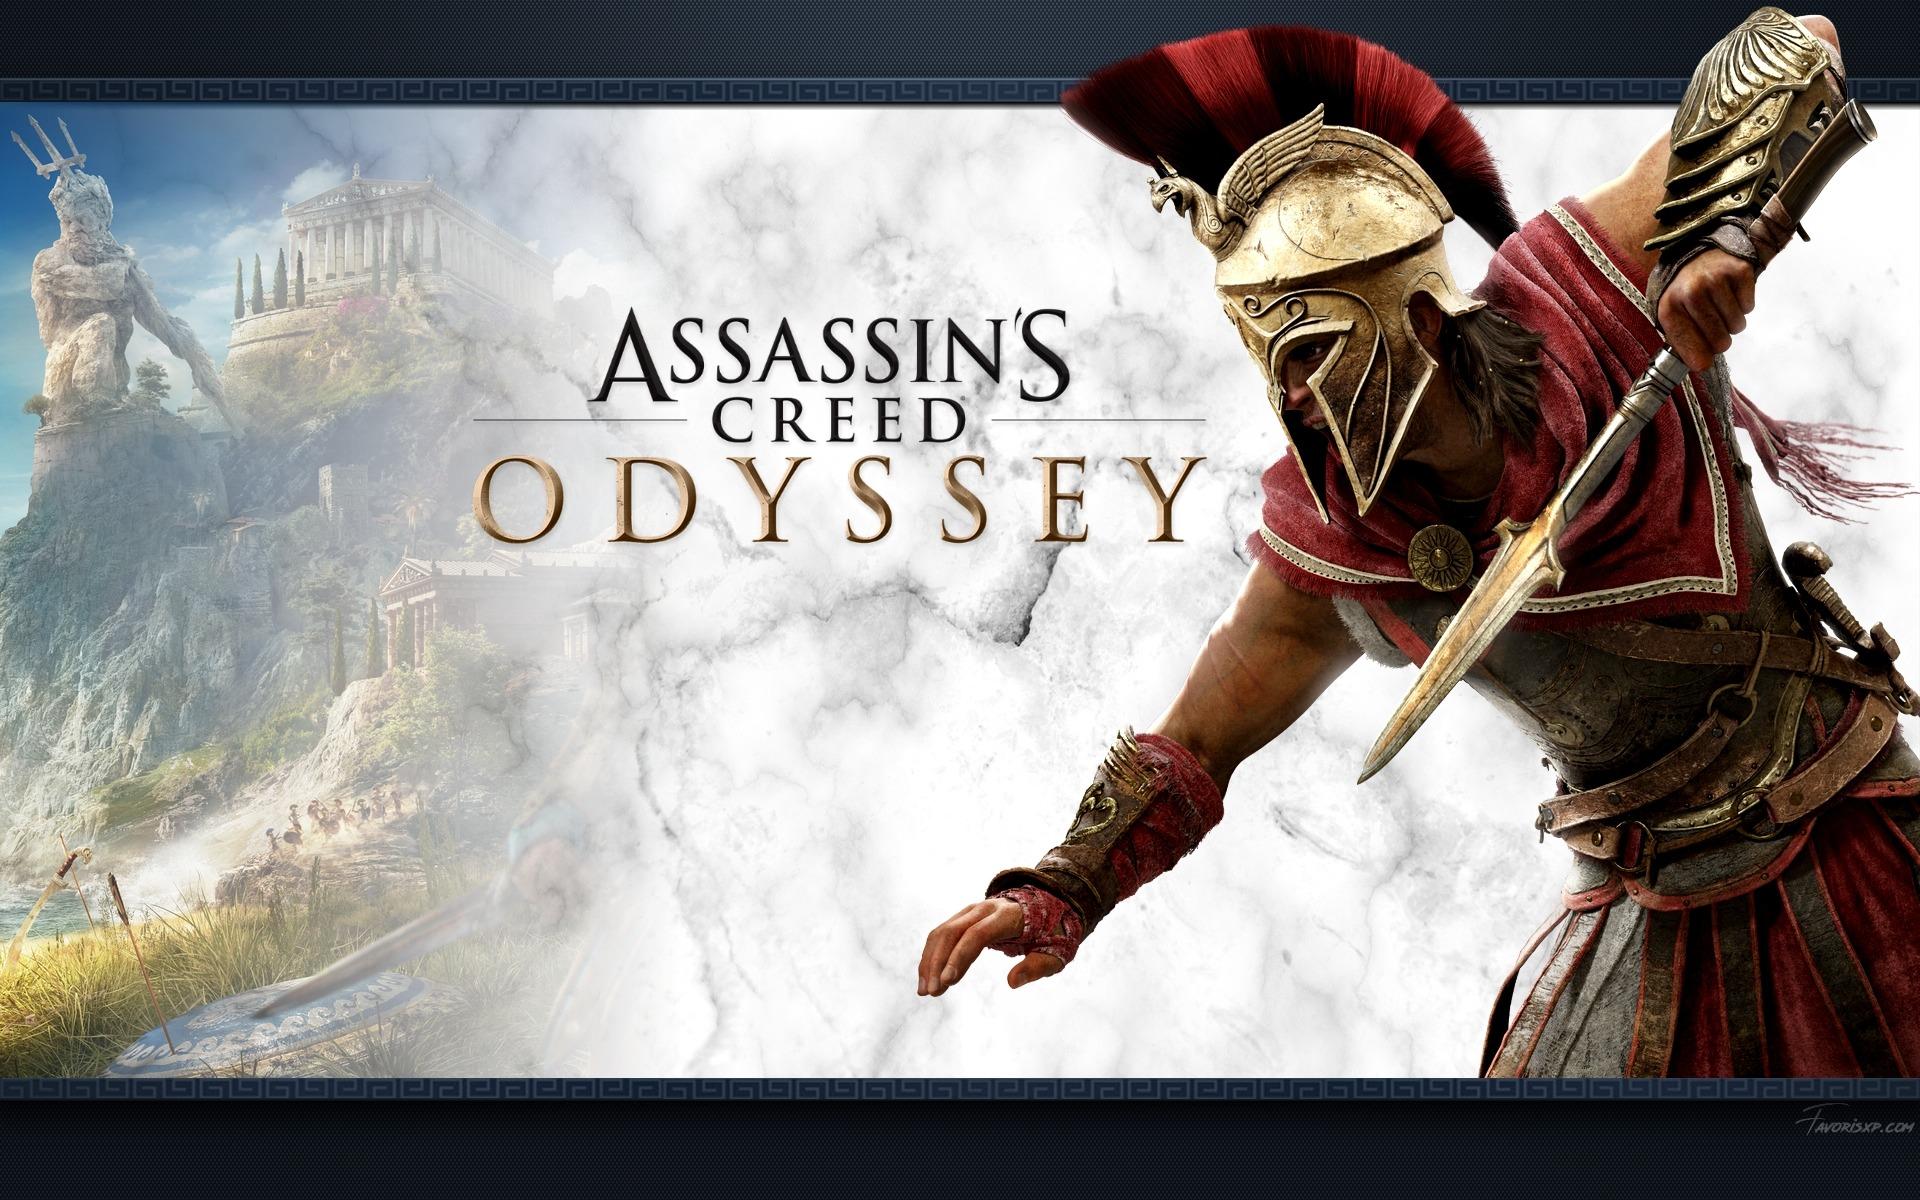 Fond Ecran Assasinscreed Odyssey Alexios Hd Wallpaper Photo Mode Assassins Creed